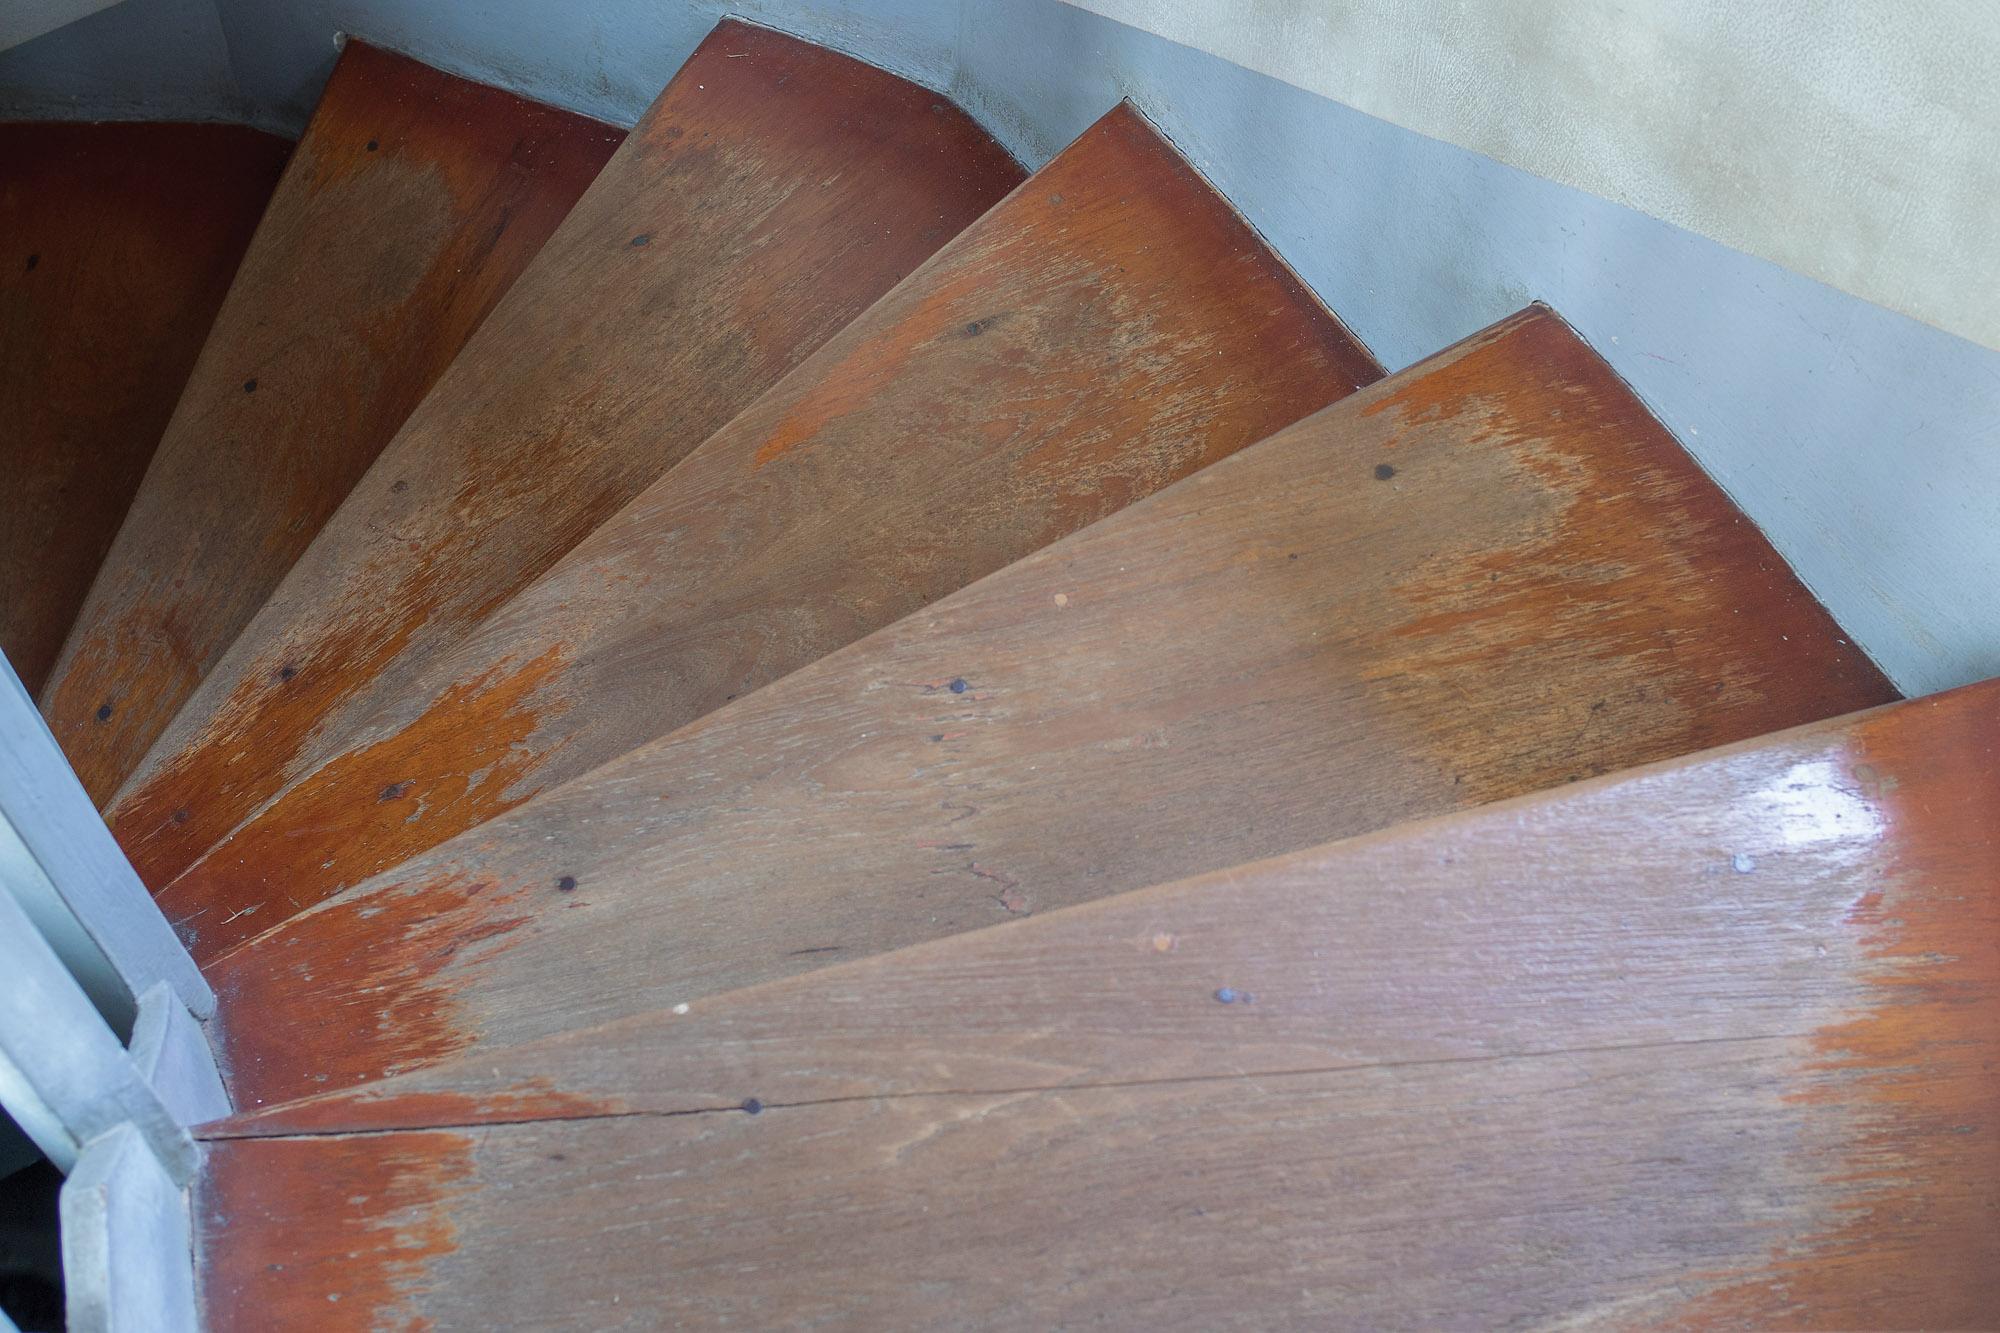 Repairs to Stairs